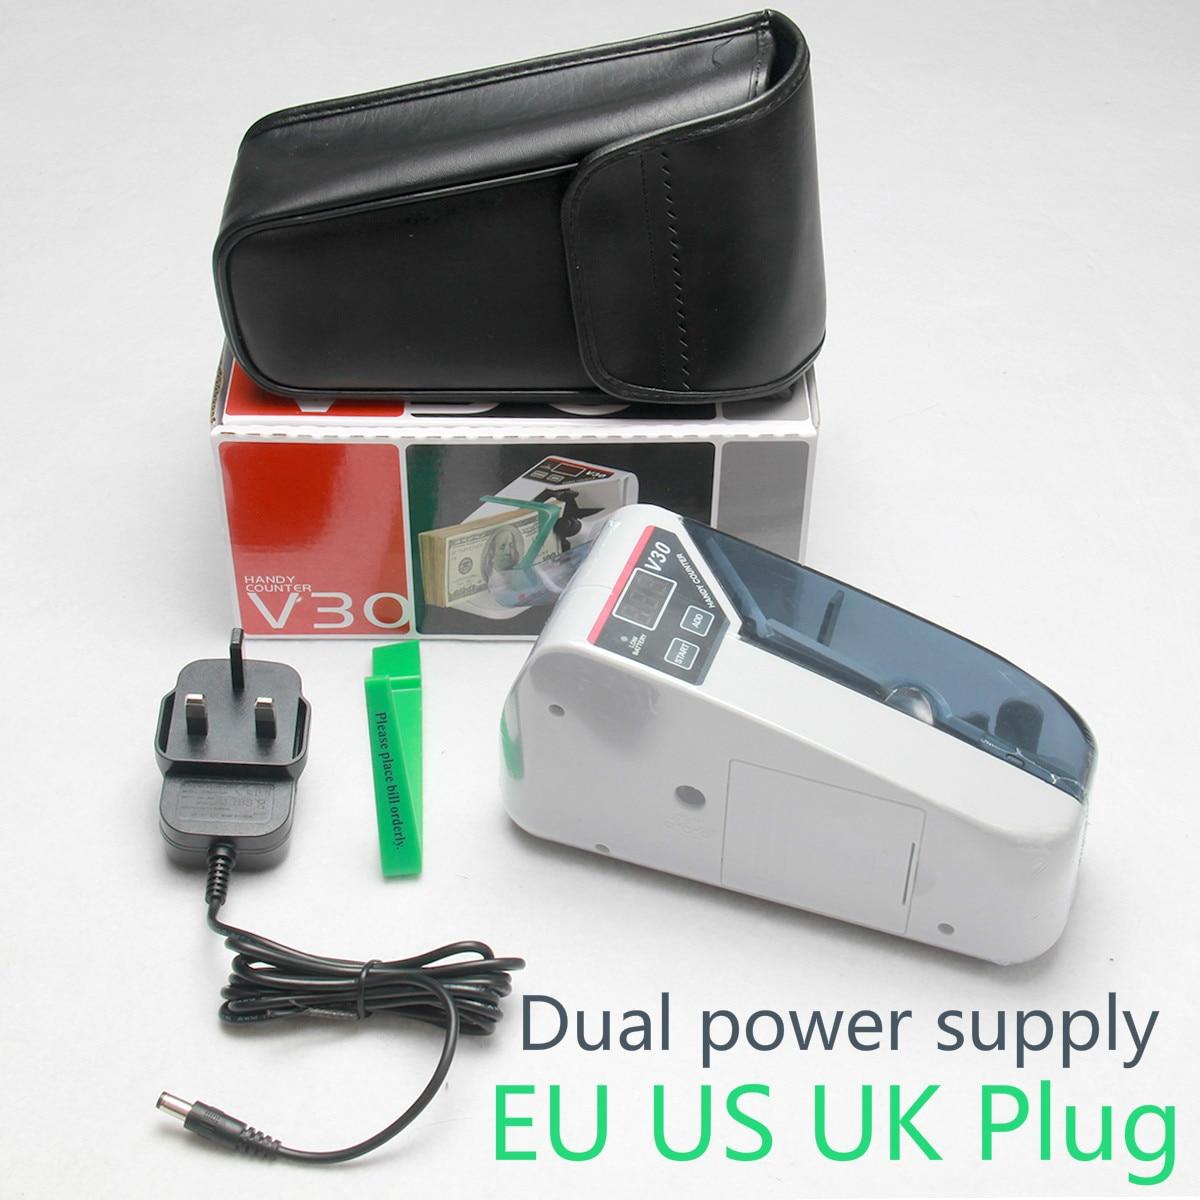 Mini portátil práctico dinero en efectivo todo contador de moneda máquina EU-V30 equipo financiero venta al por mayor enchufe UE EE. UU. Reino Unido